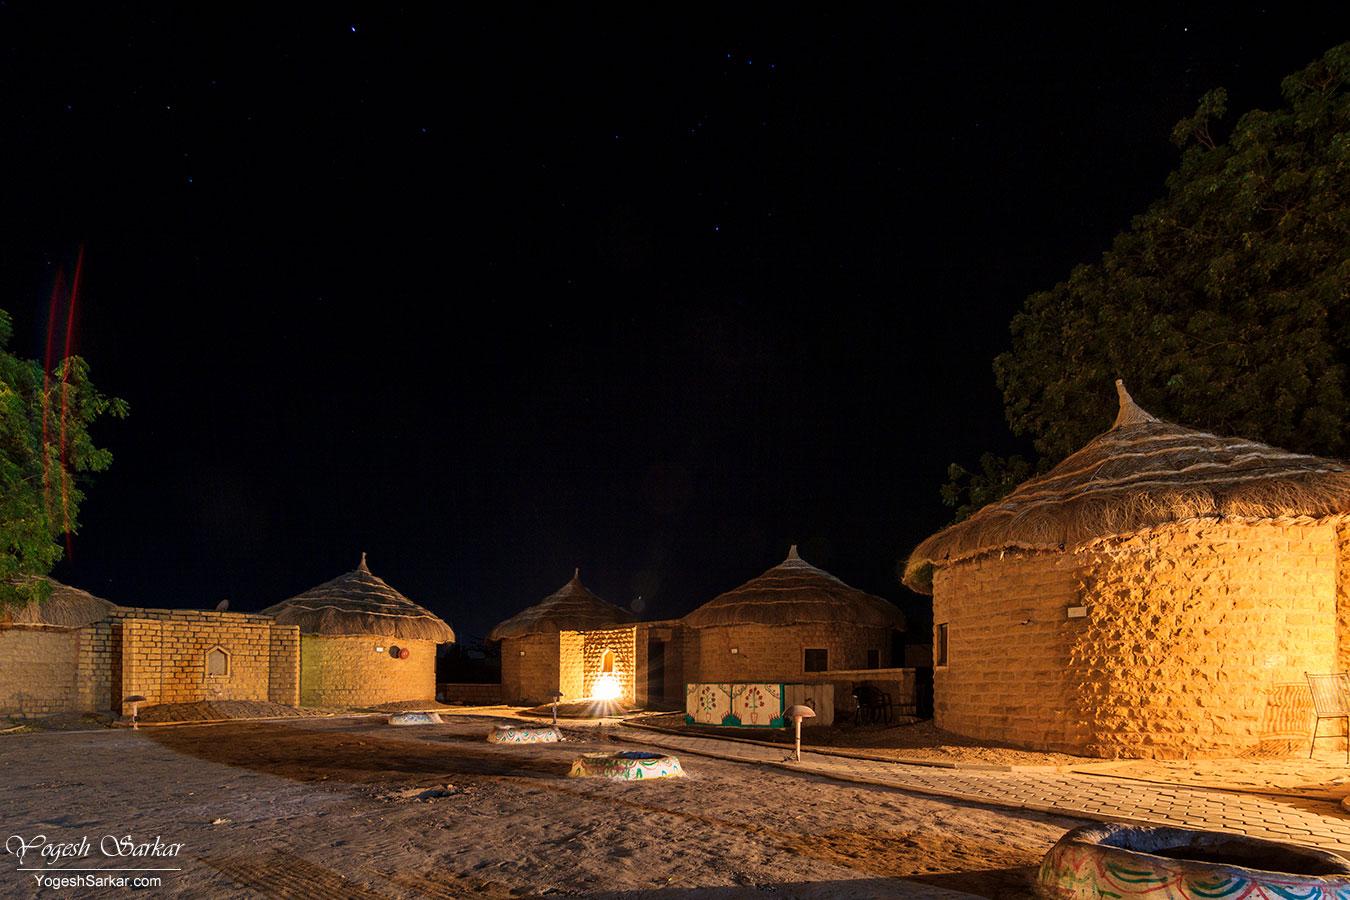 50-rtdc-moomal-huts.jpg